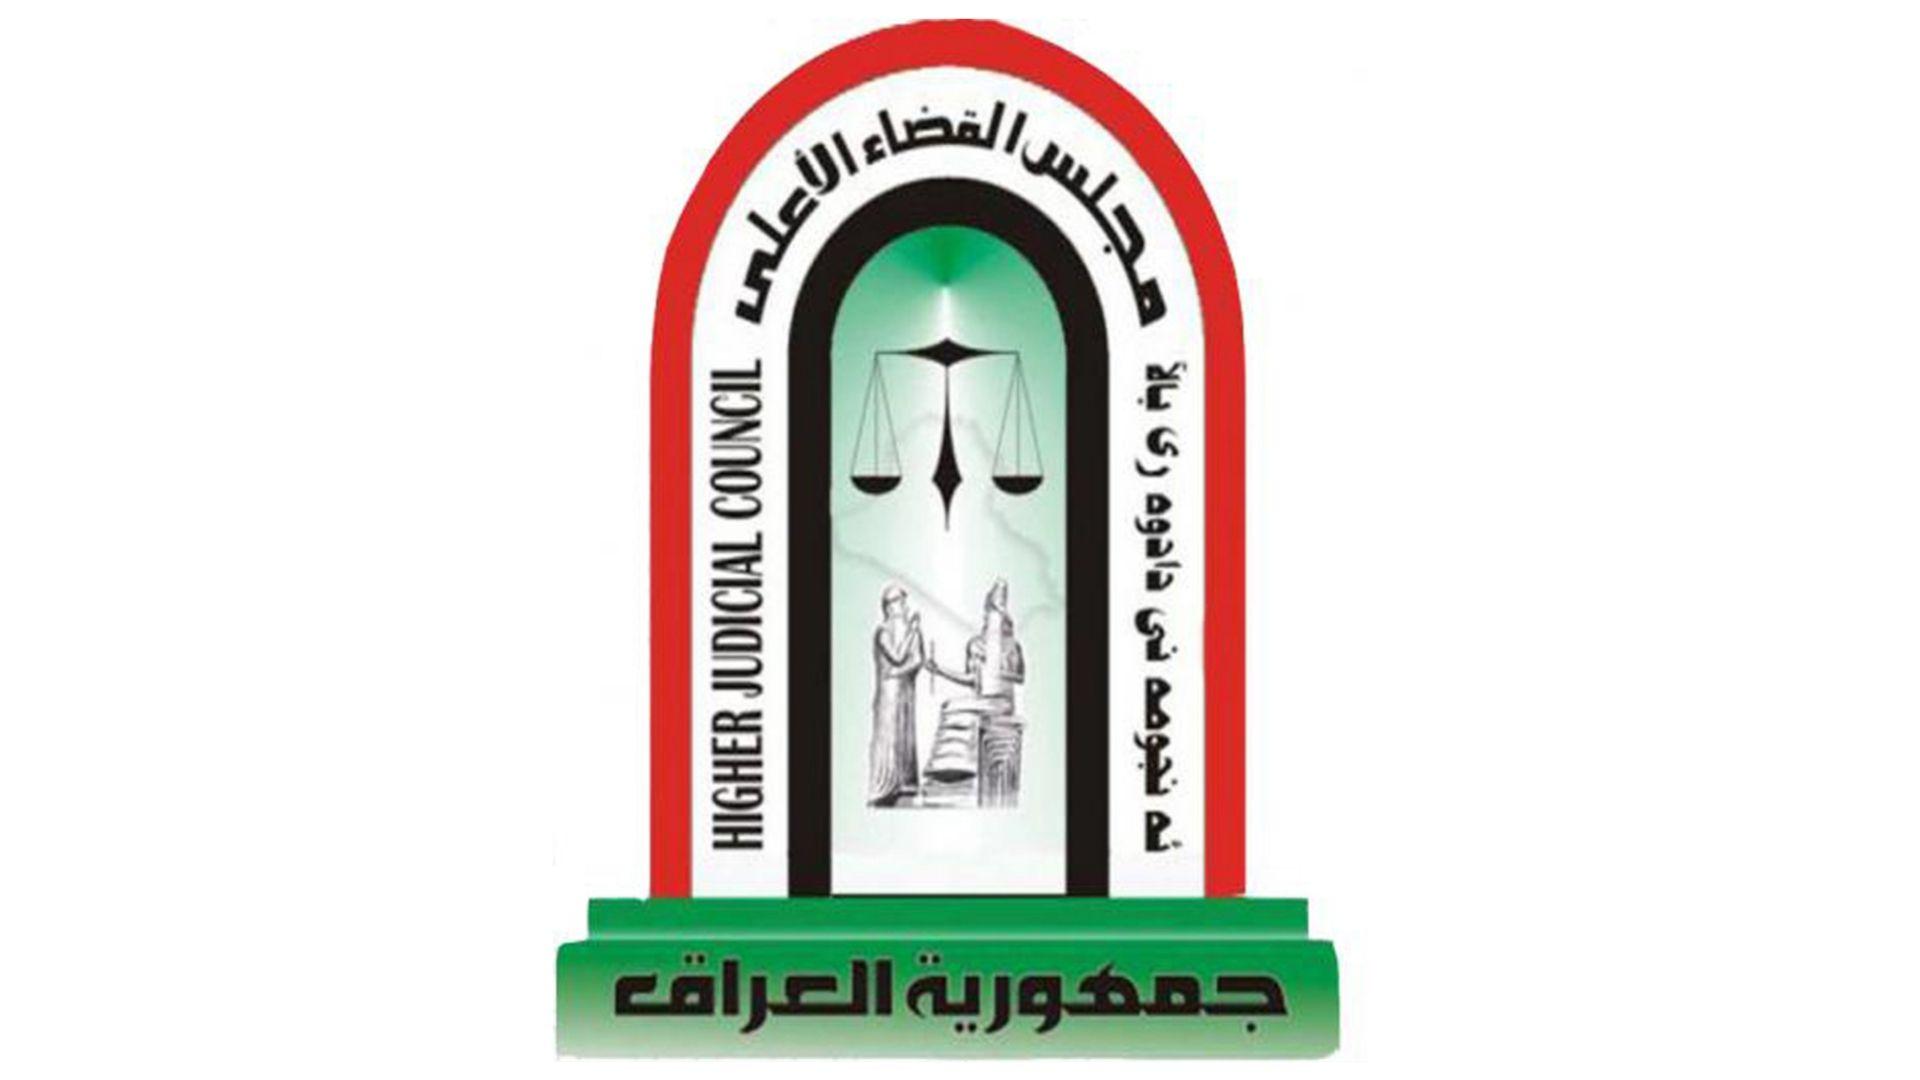 مجلس القضاء الأعلى يدعو المتظاهرين والحكومة للعمل بخطبة المرجعية الأخيرة